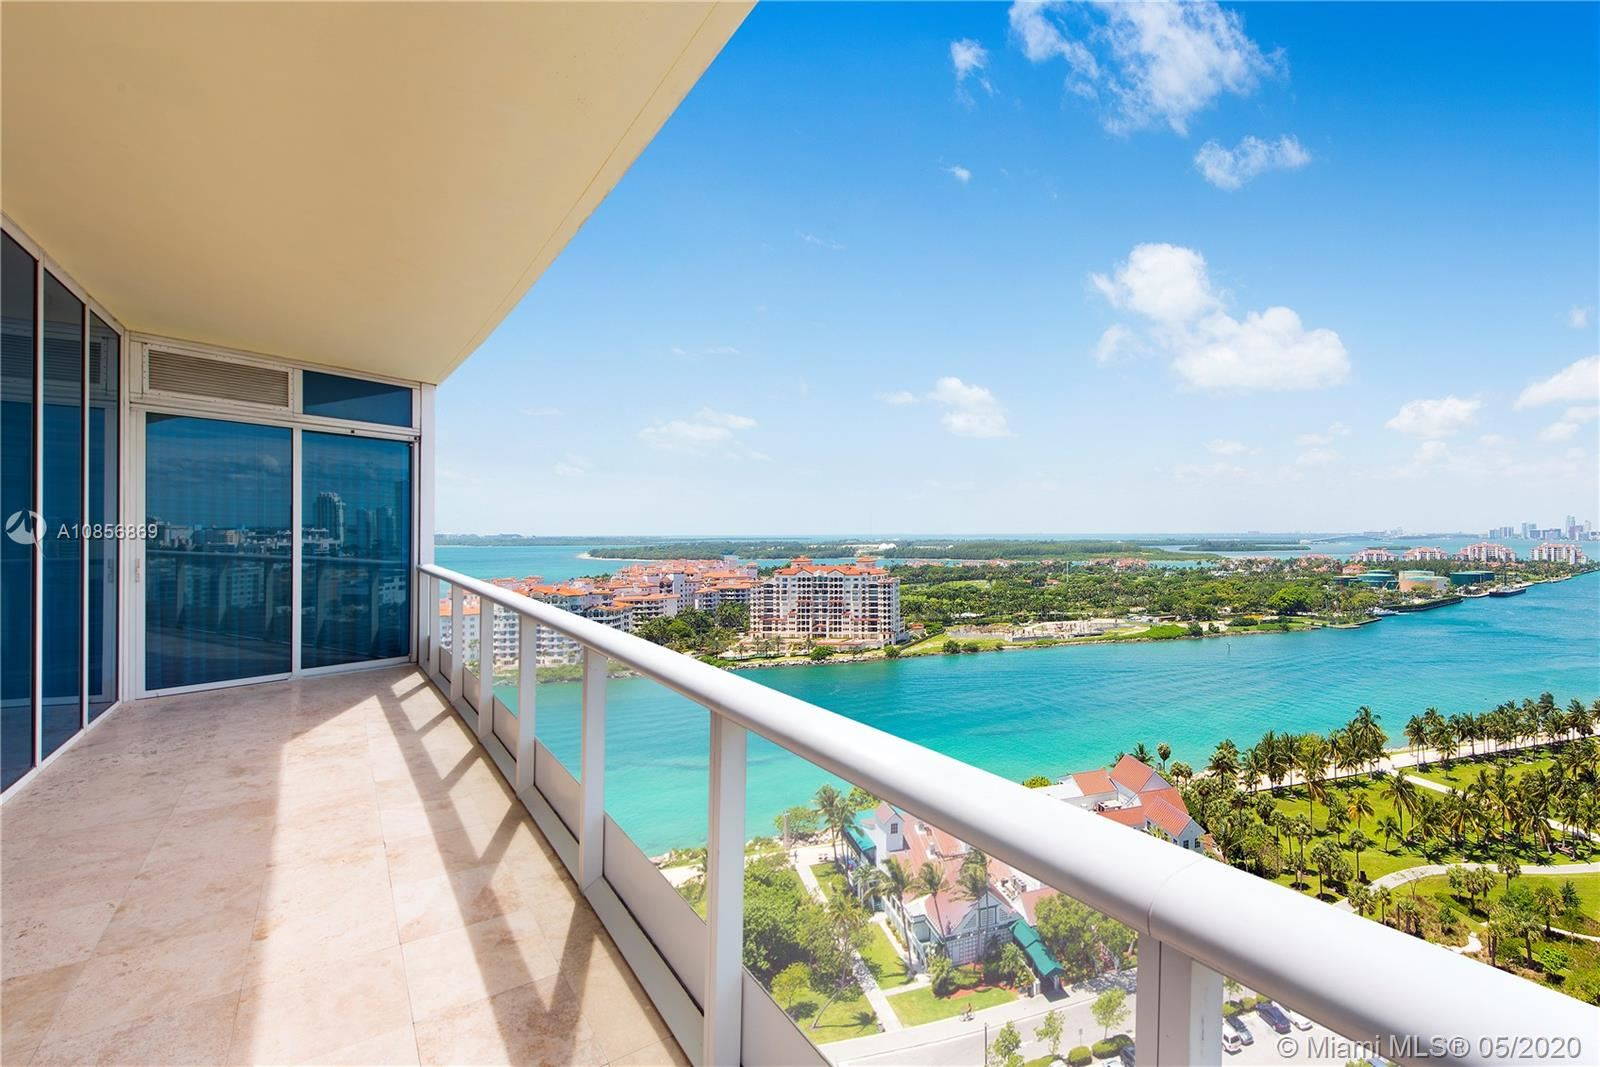 100 S Pointe Dr #1601, Miami Beach, FL 33139 - #: A10856869